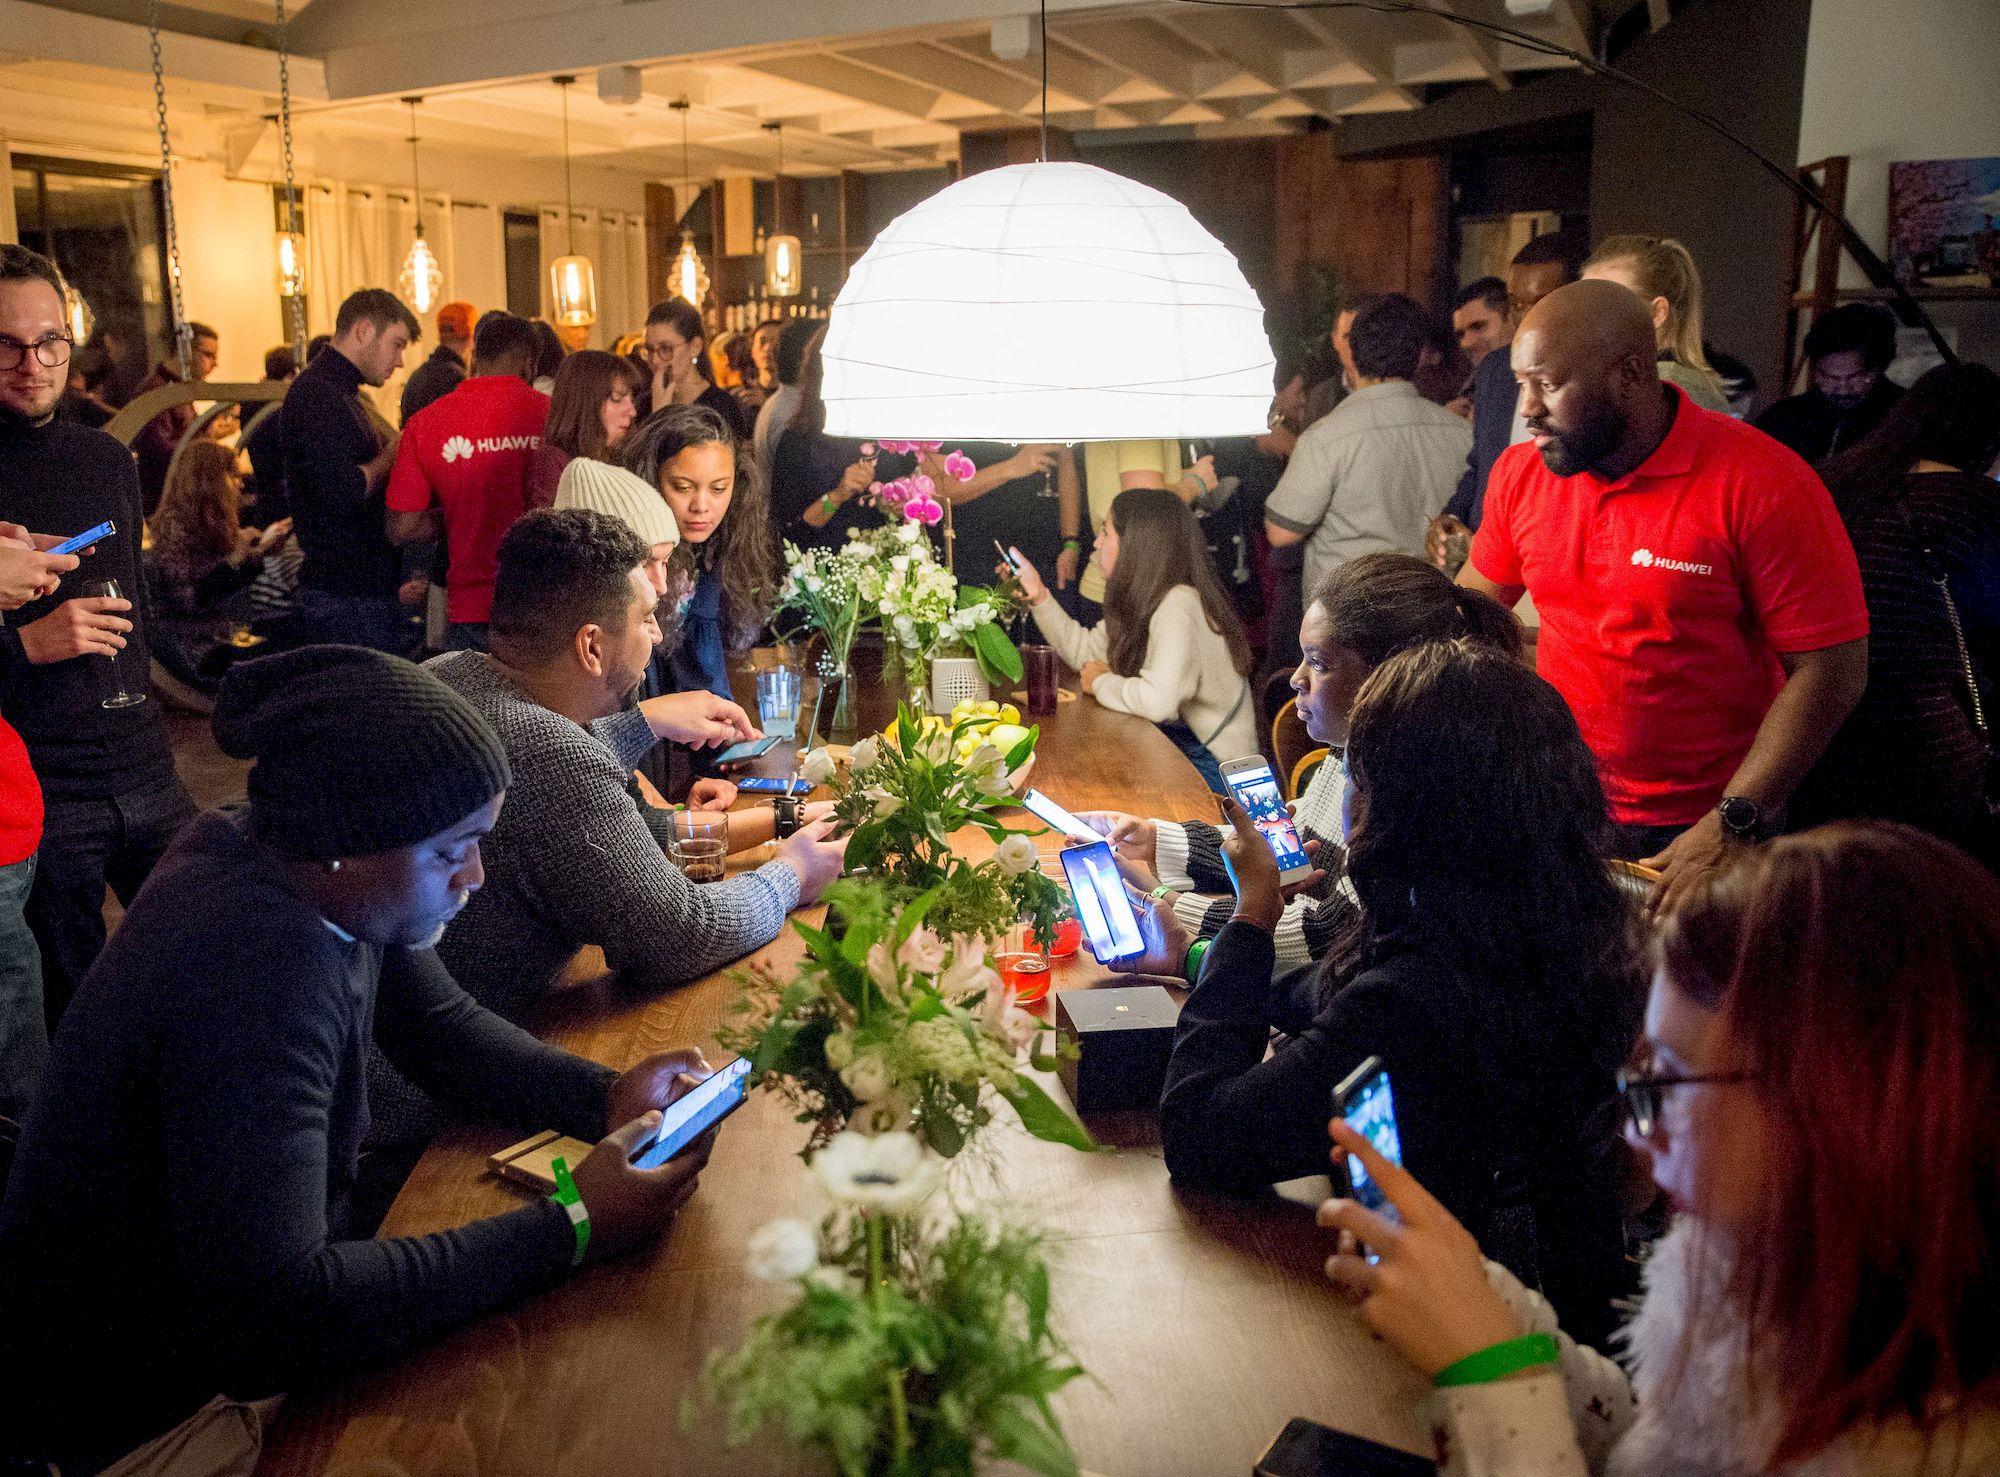 Première soirée et première réussite pour la Huawei Community : voici le résumé